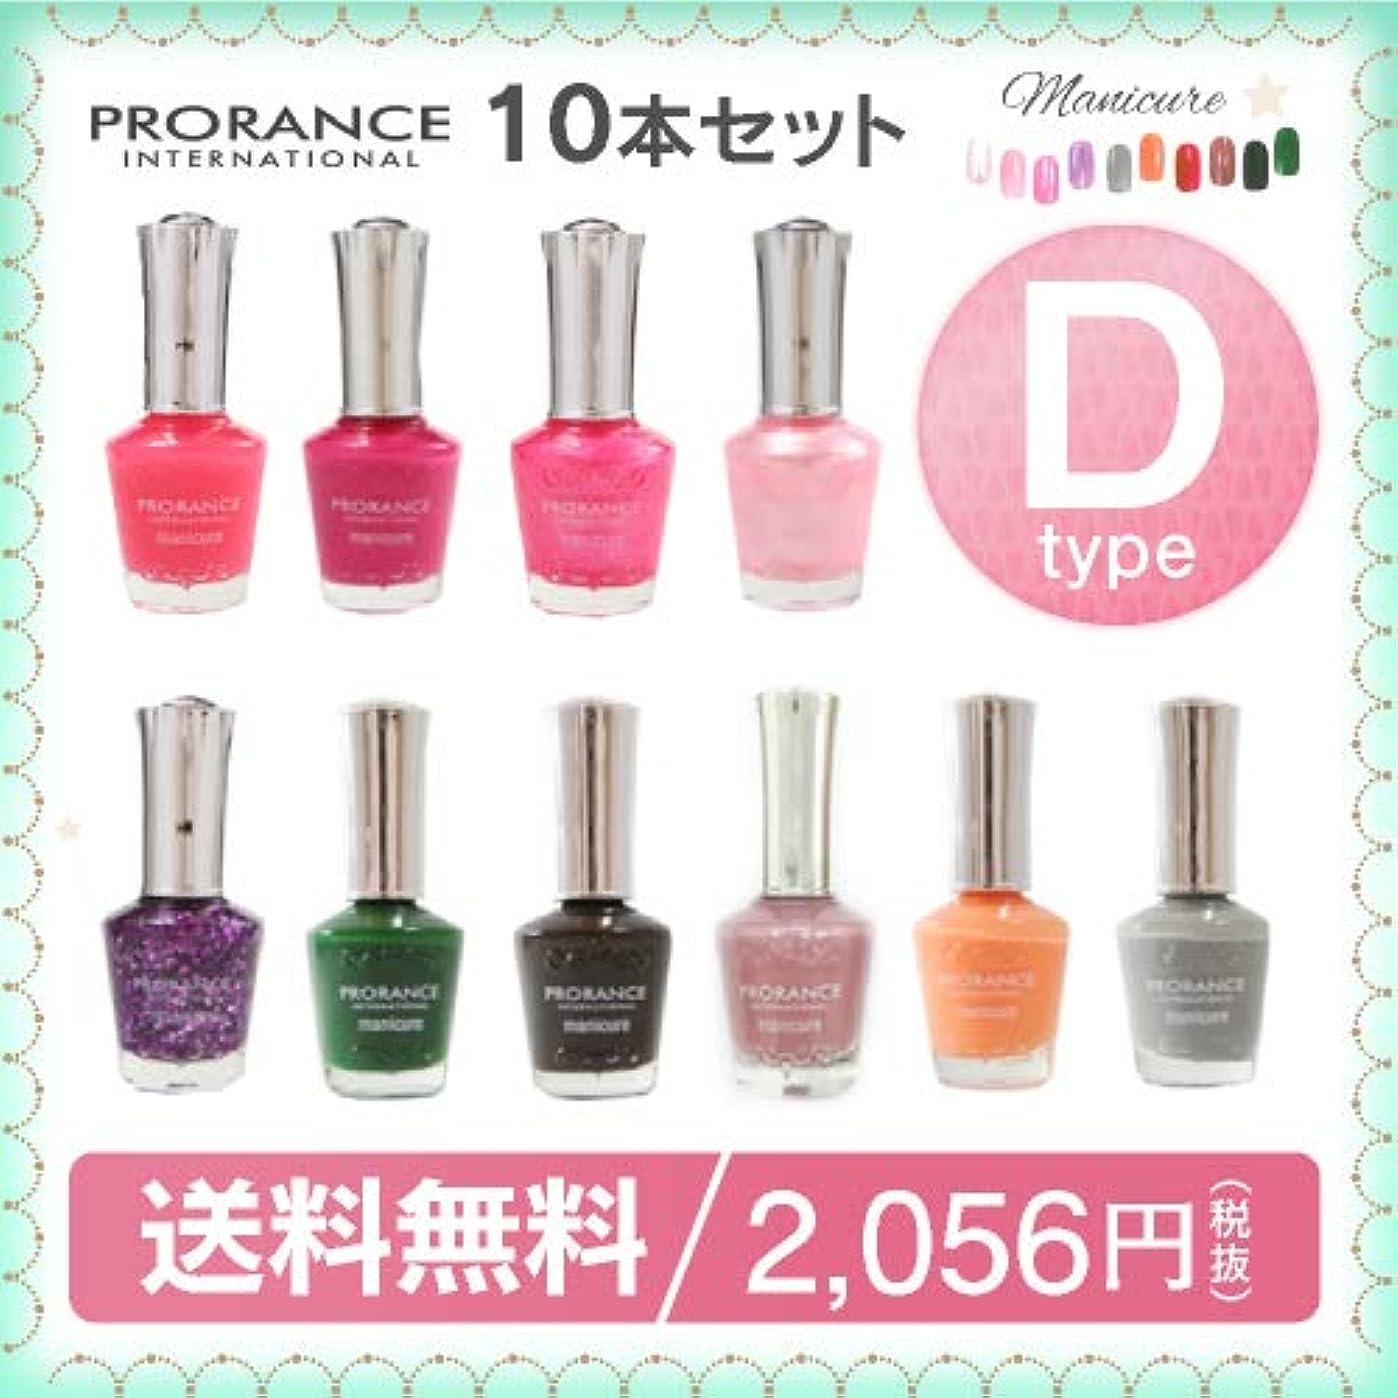 お風呂プラットフォームスタジオプロランスマニキュア10本セットDタイプ